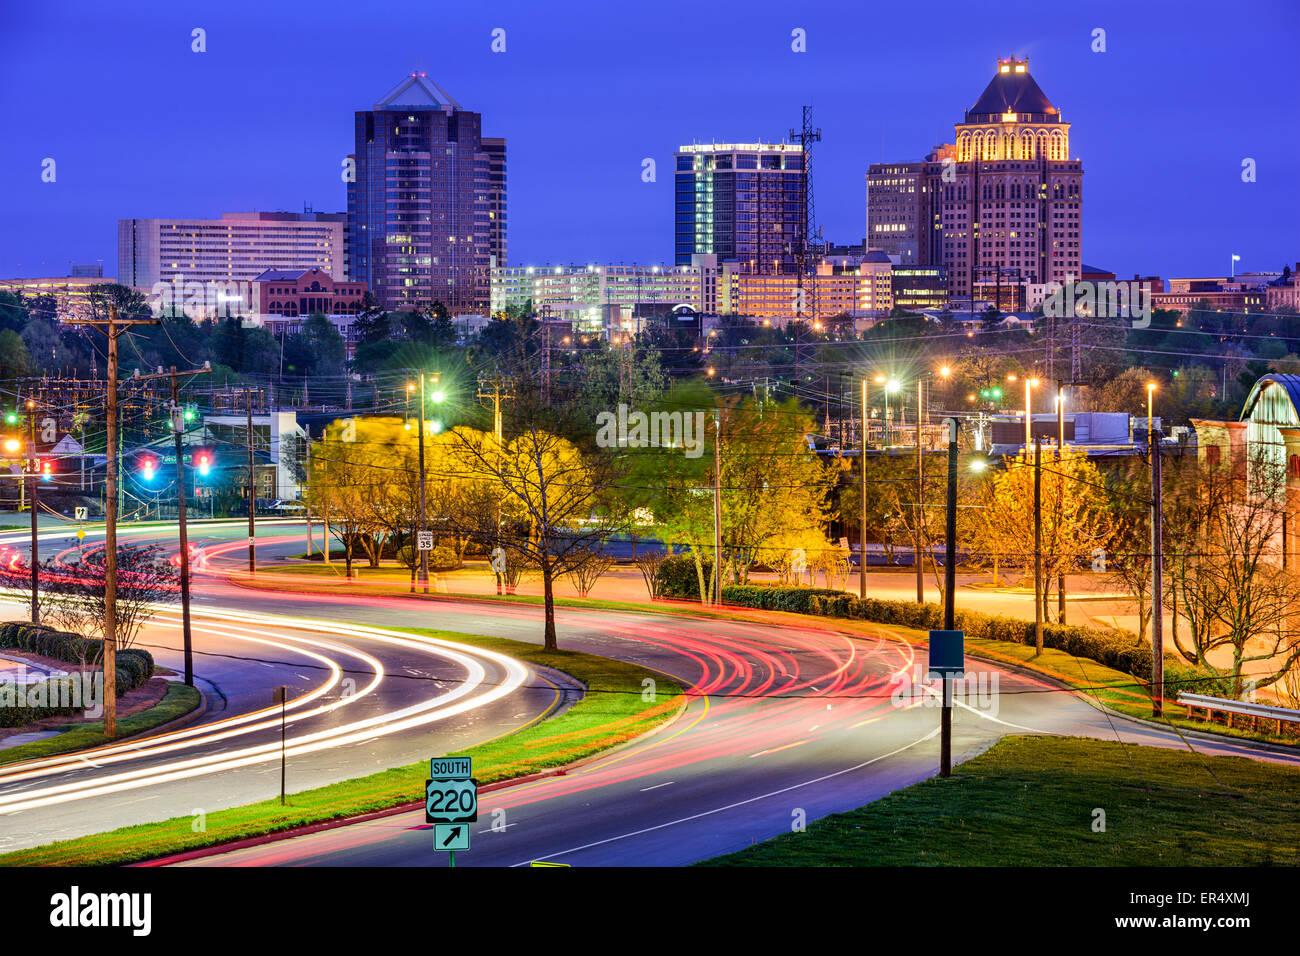 Greensboro, Carolina del Norte, EE.UU. Perfil del centro de la ciudad. Imagen De Stock